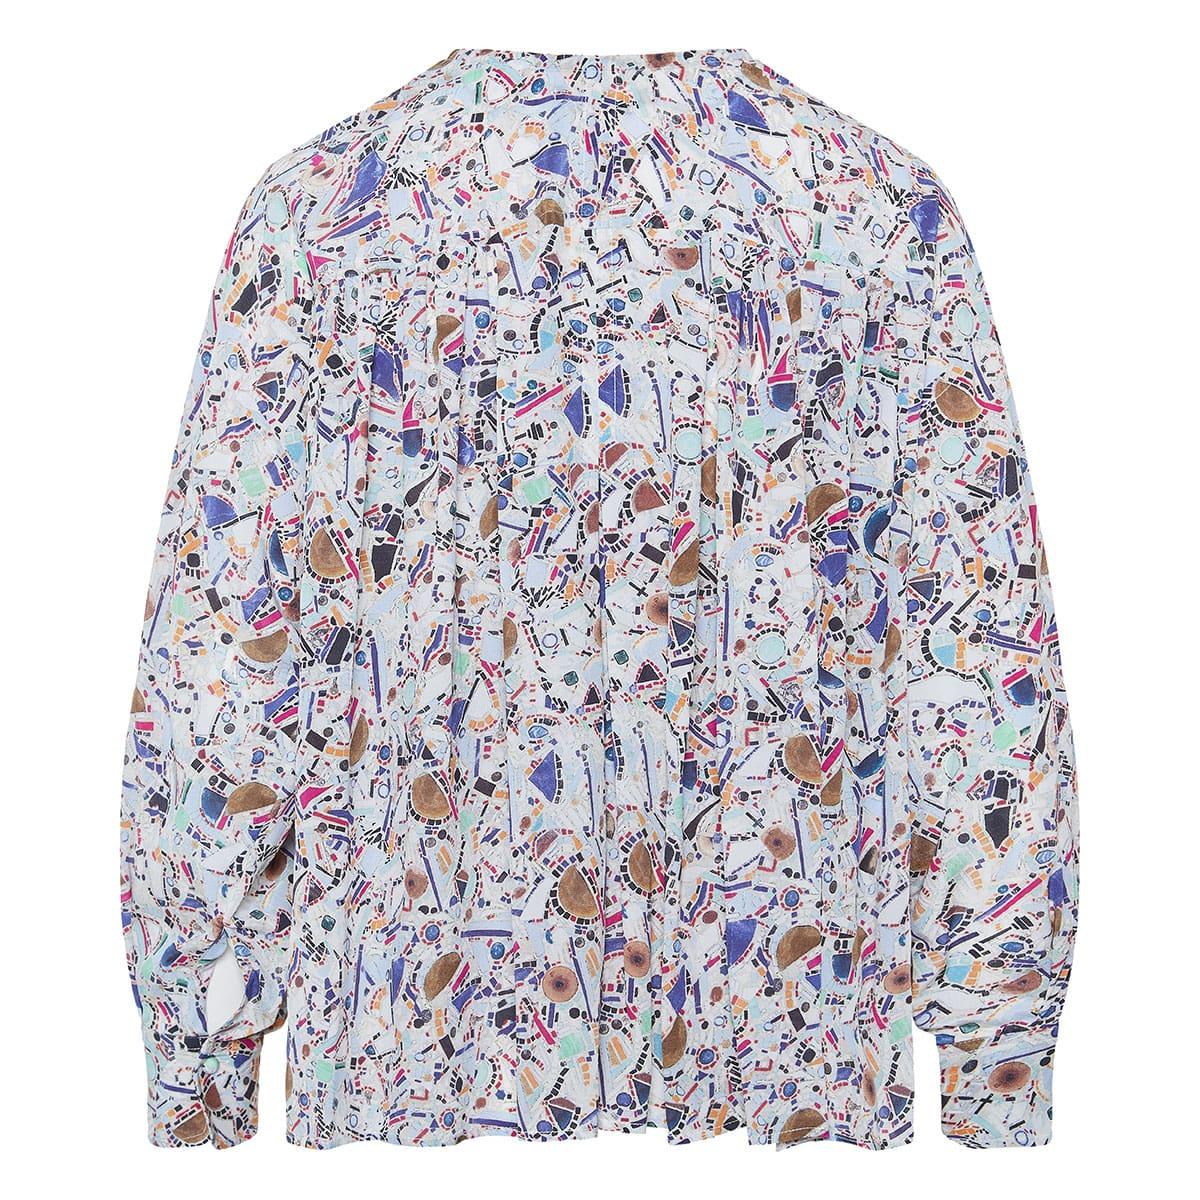 Amba gathered printed blouse